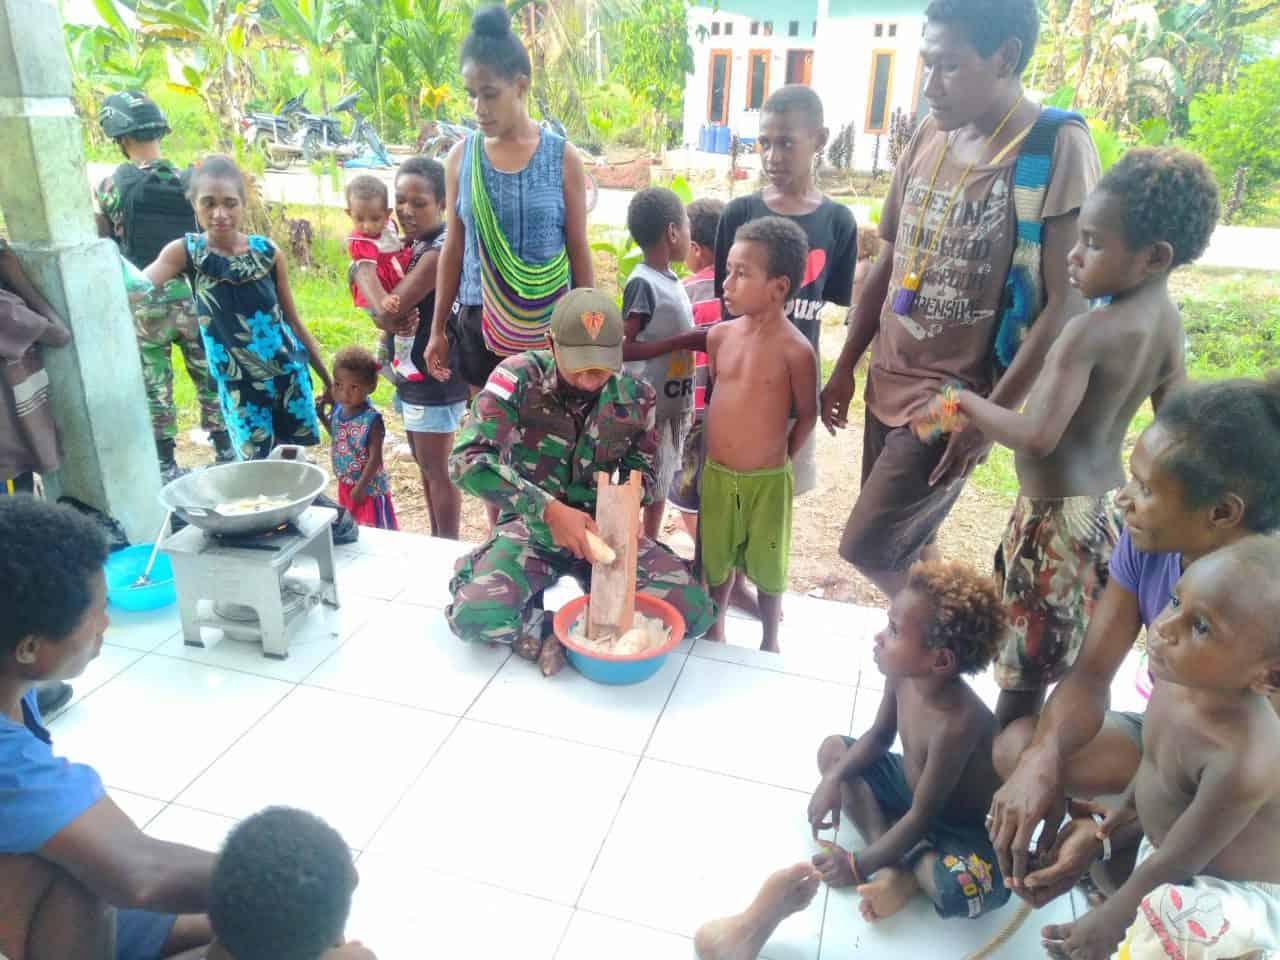 Satgas Yonif 131 Bersama Warga Kampung Woro Produksi Kripik Balado Bramoss